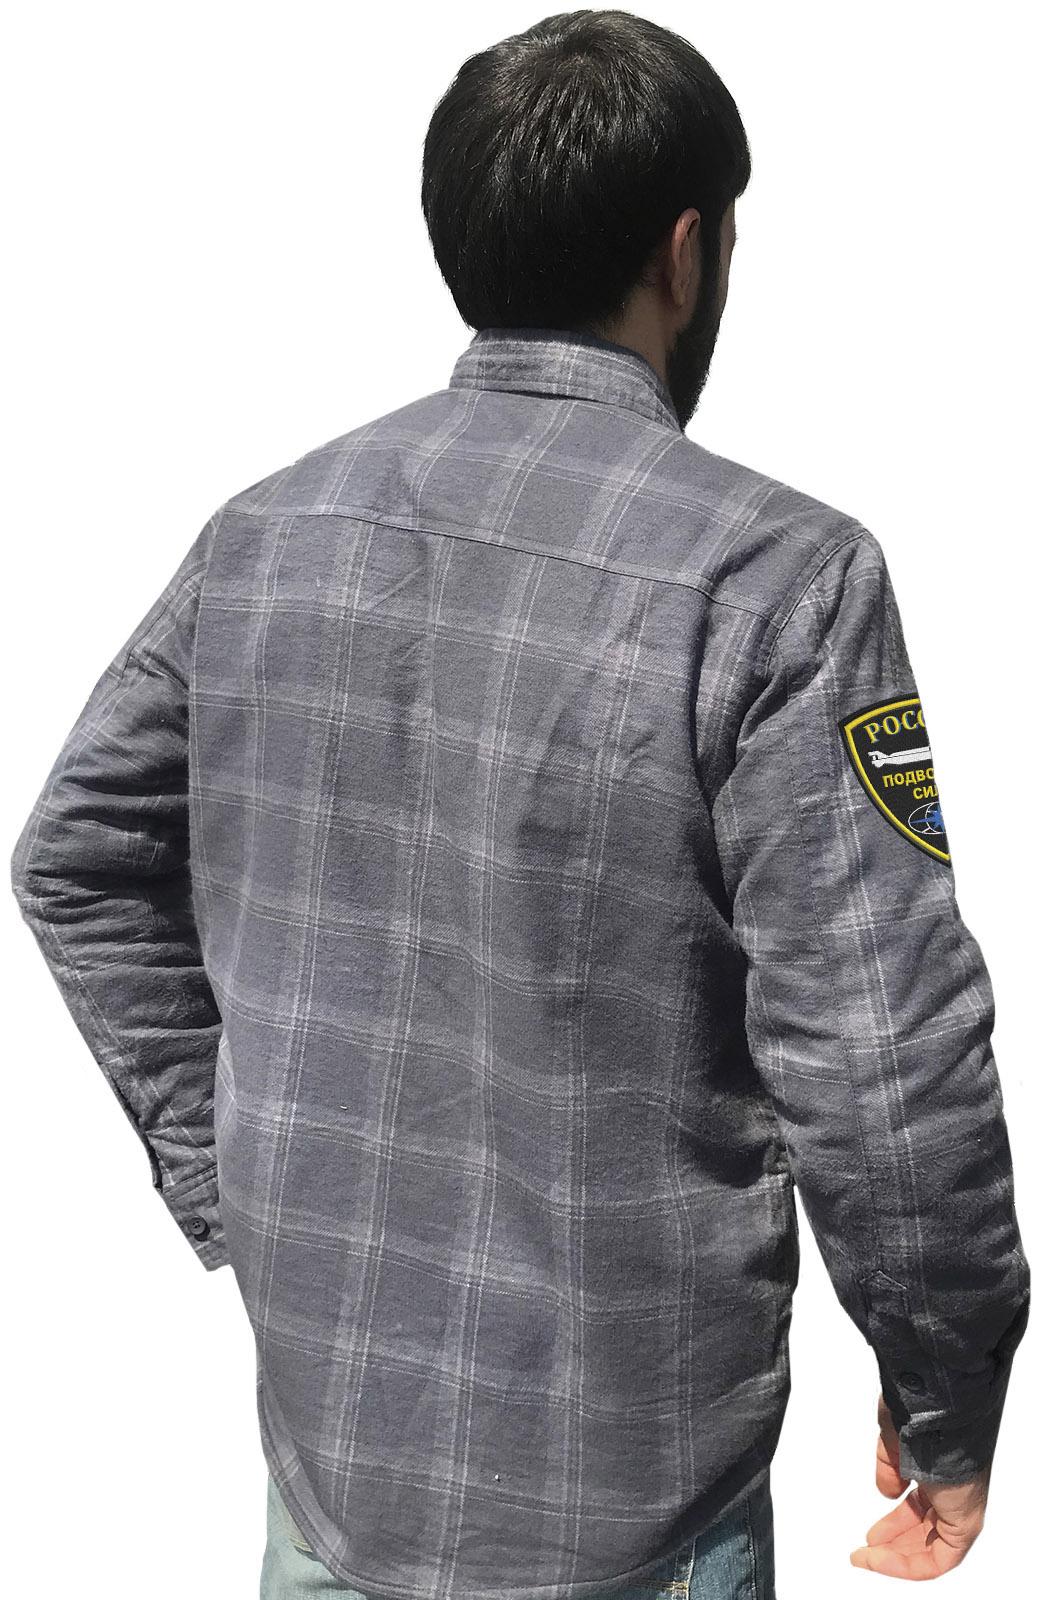 Удобная мужская рубашка с эмблемой Подводных сил России заказать с доставкой